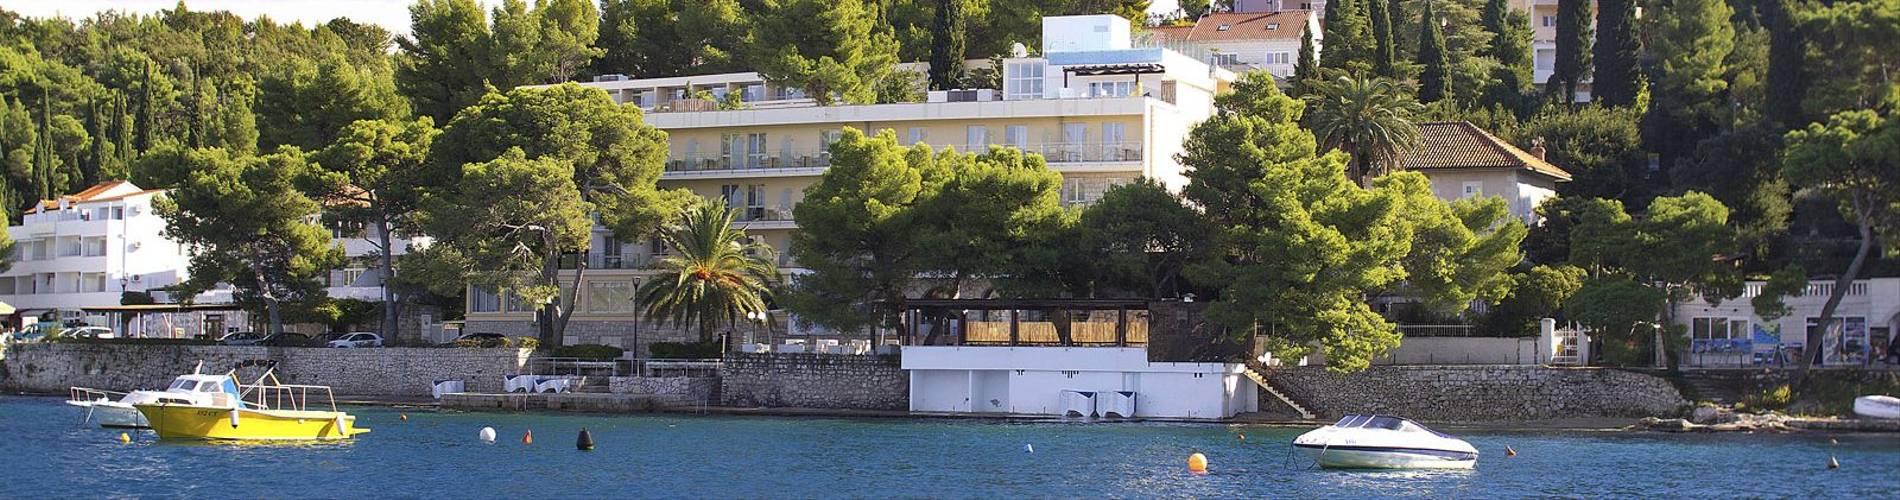 hotel_cavtat_09.jpg